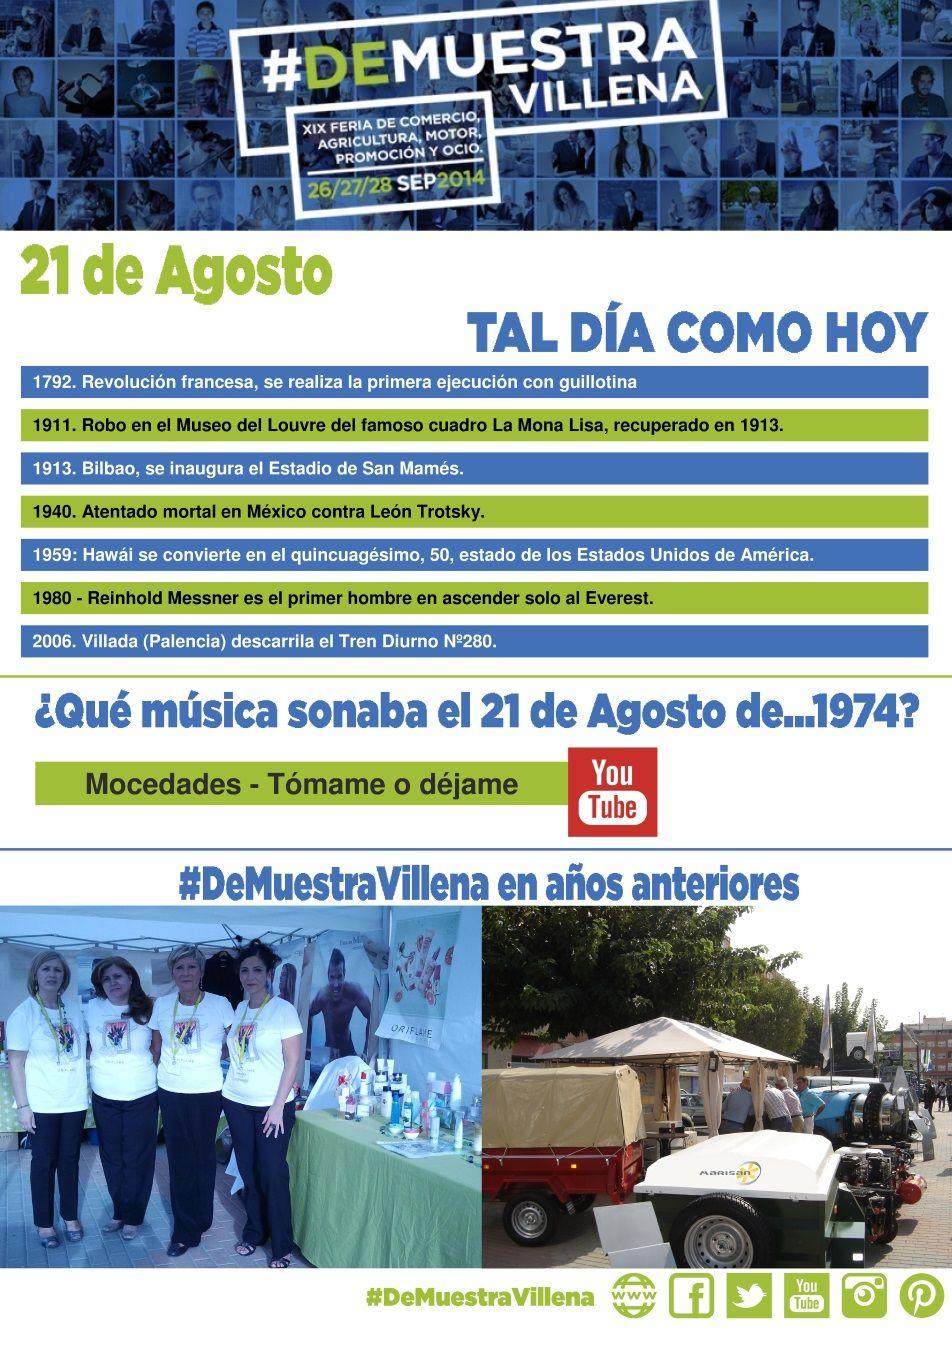 TAL DÍA COMO HOY. 21 de Agosto. #DeMuestraVillena  www.muestravillena.villena.es www.facebook.com/Muestravillena @muestravillena